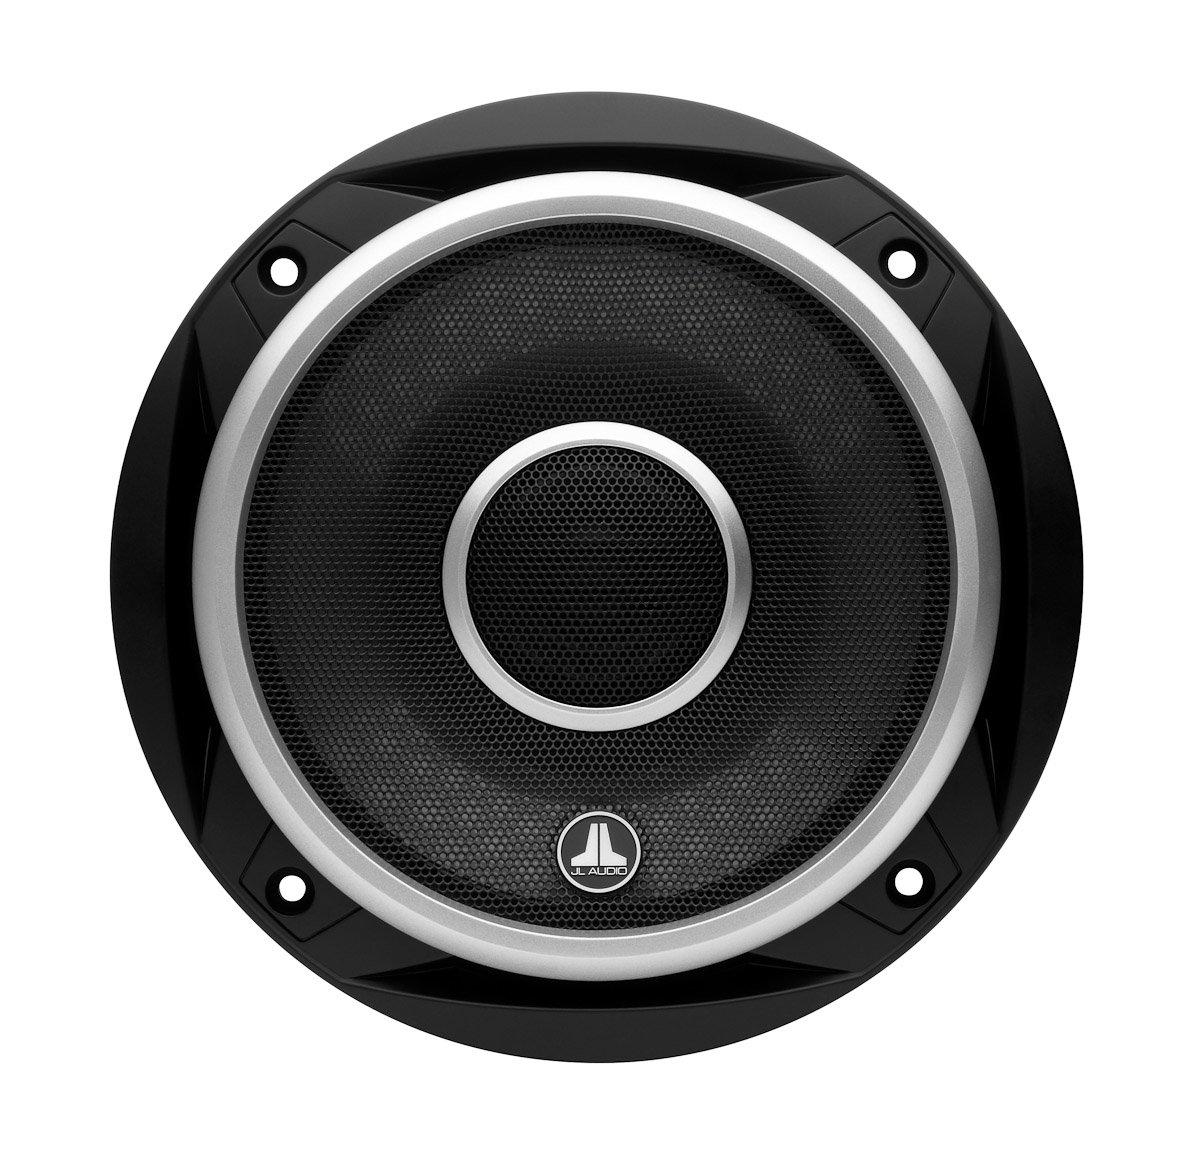 JL Audio C2-650 6-1/2'' C2 Series Component Speakers System (C2650)